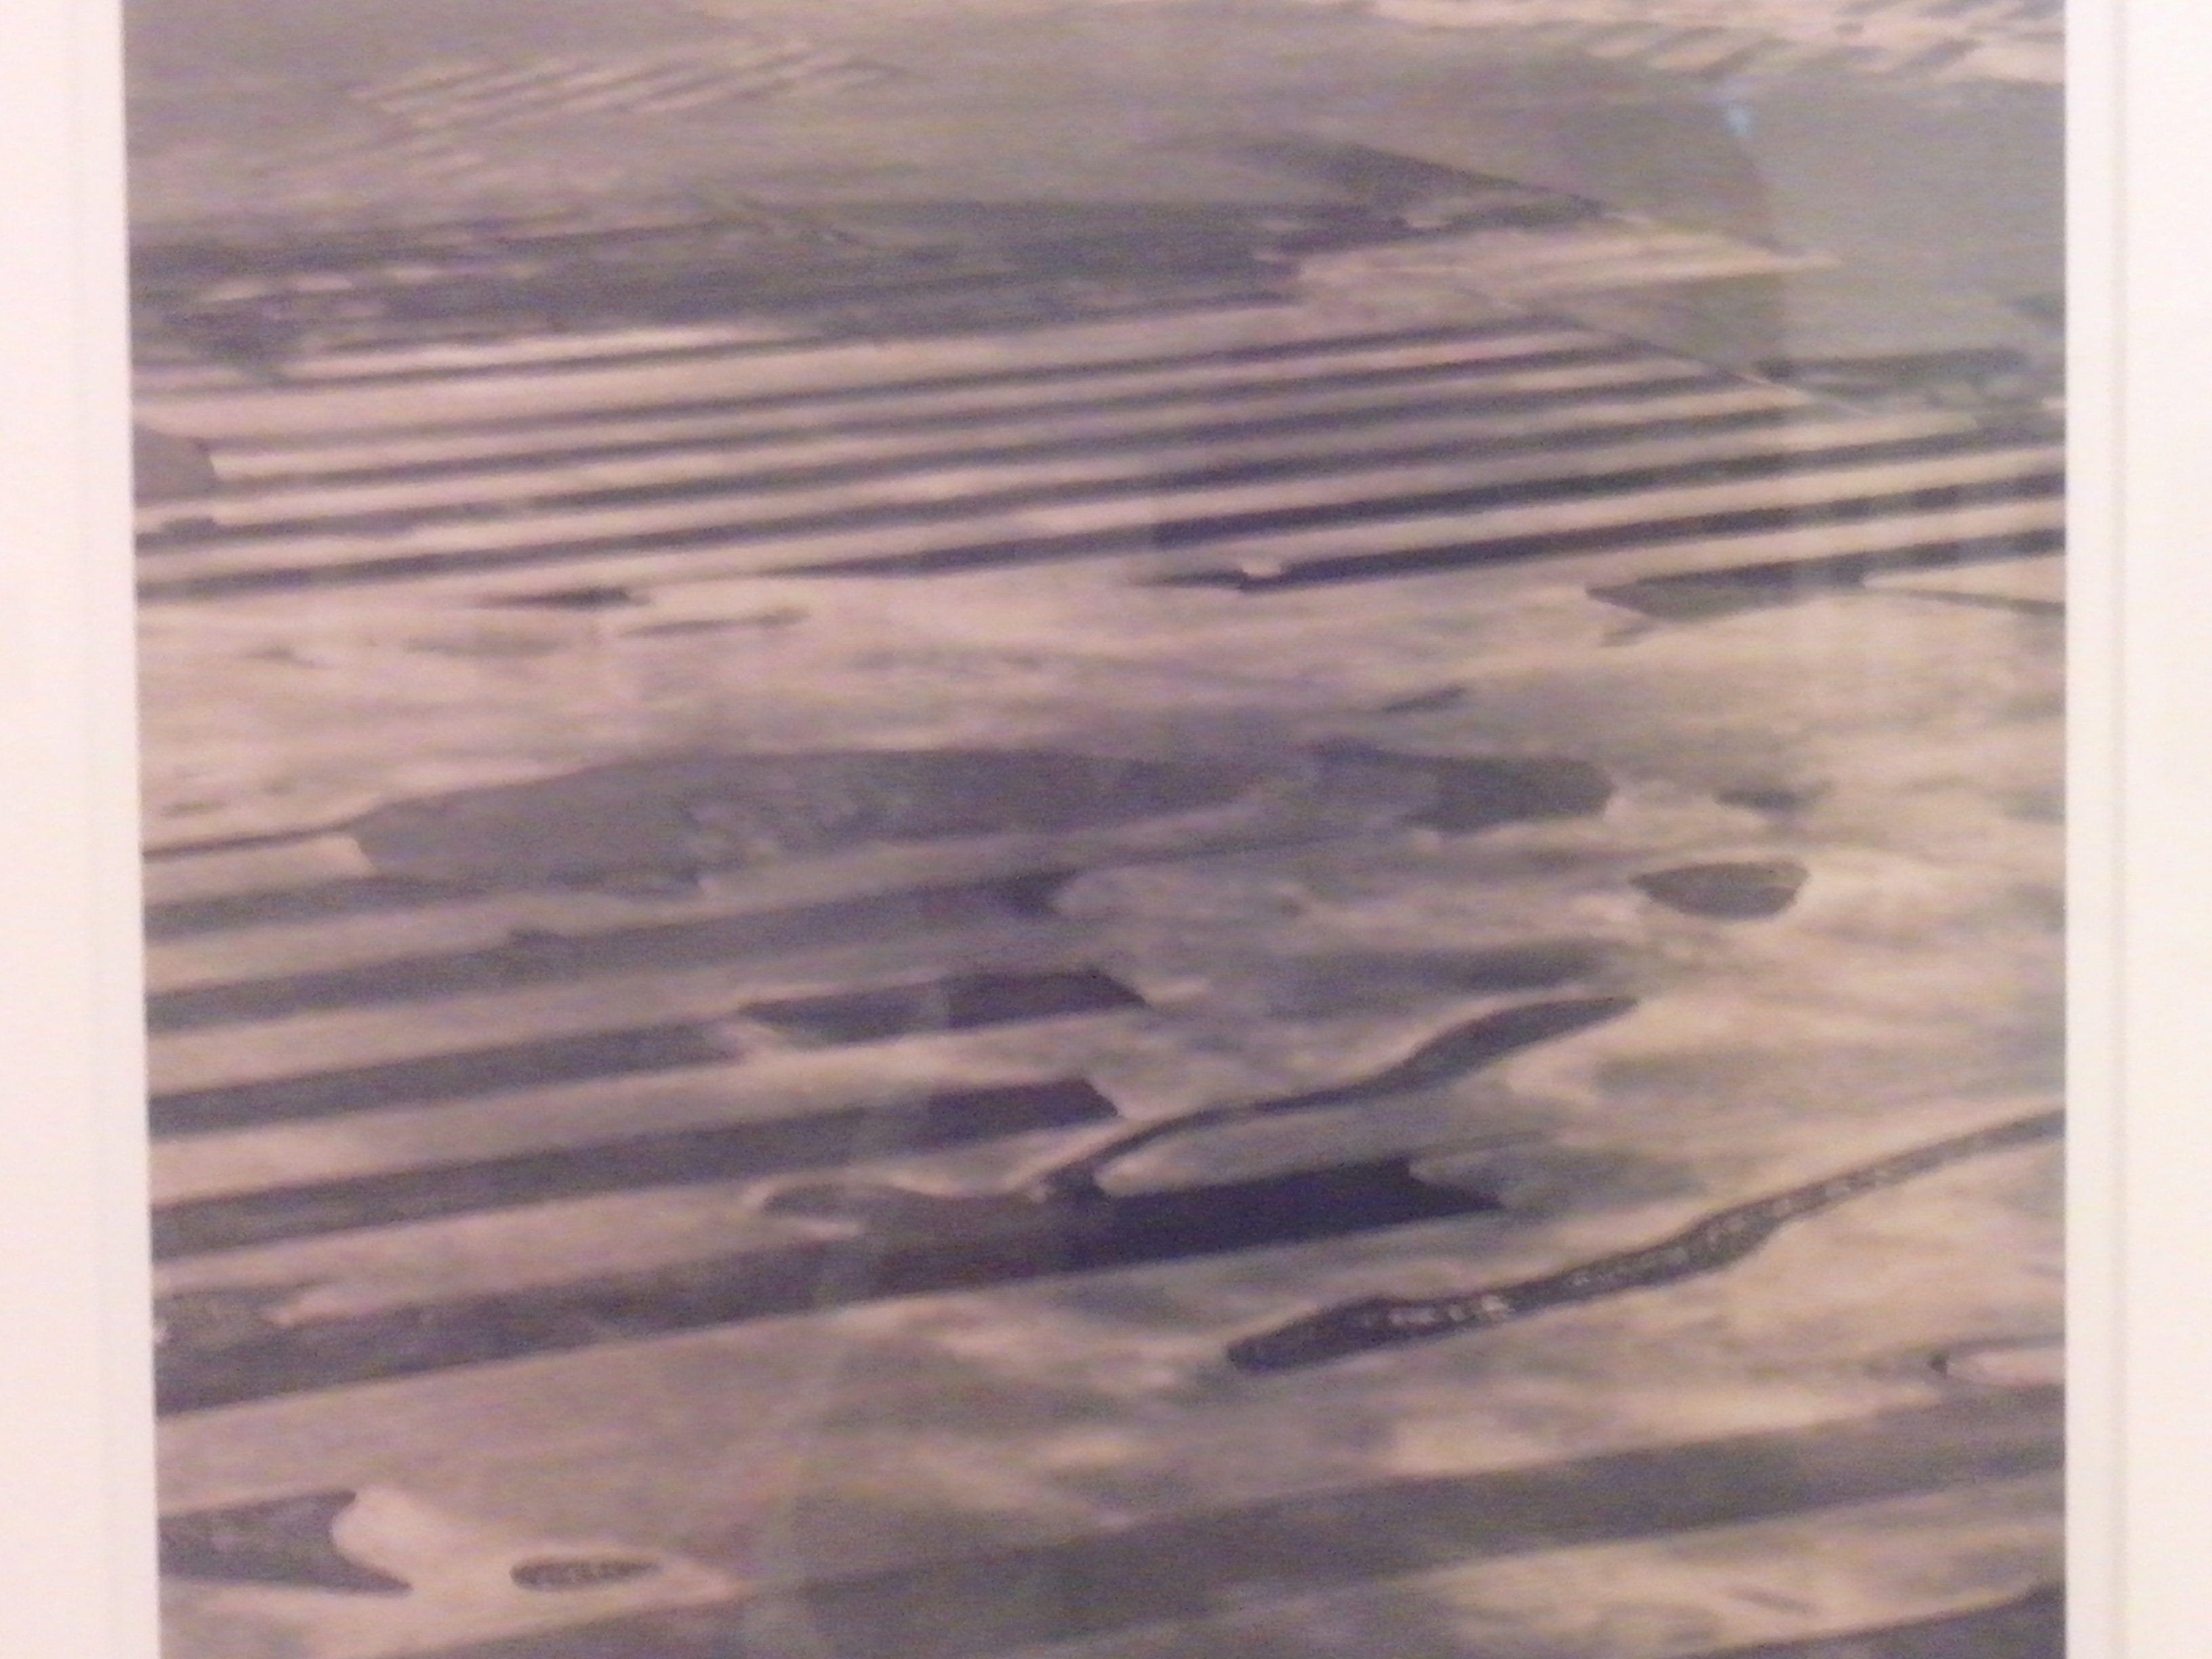 Cultivo de trigo de secano en la base de misiles balistico intercontinentales de chayenne, pradera nacional pawinee (colorado) 19991 Gelatina de plata